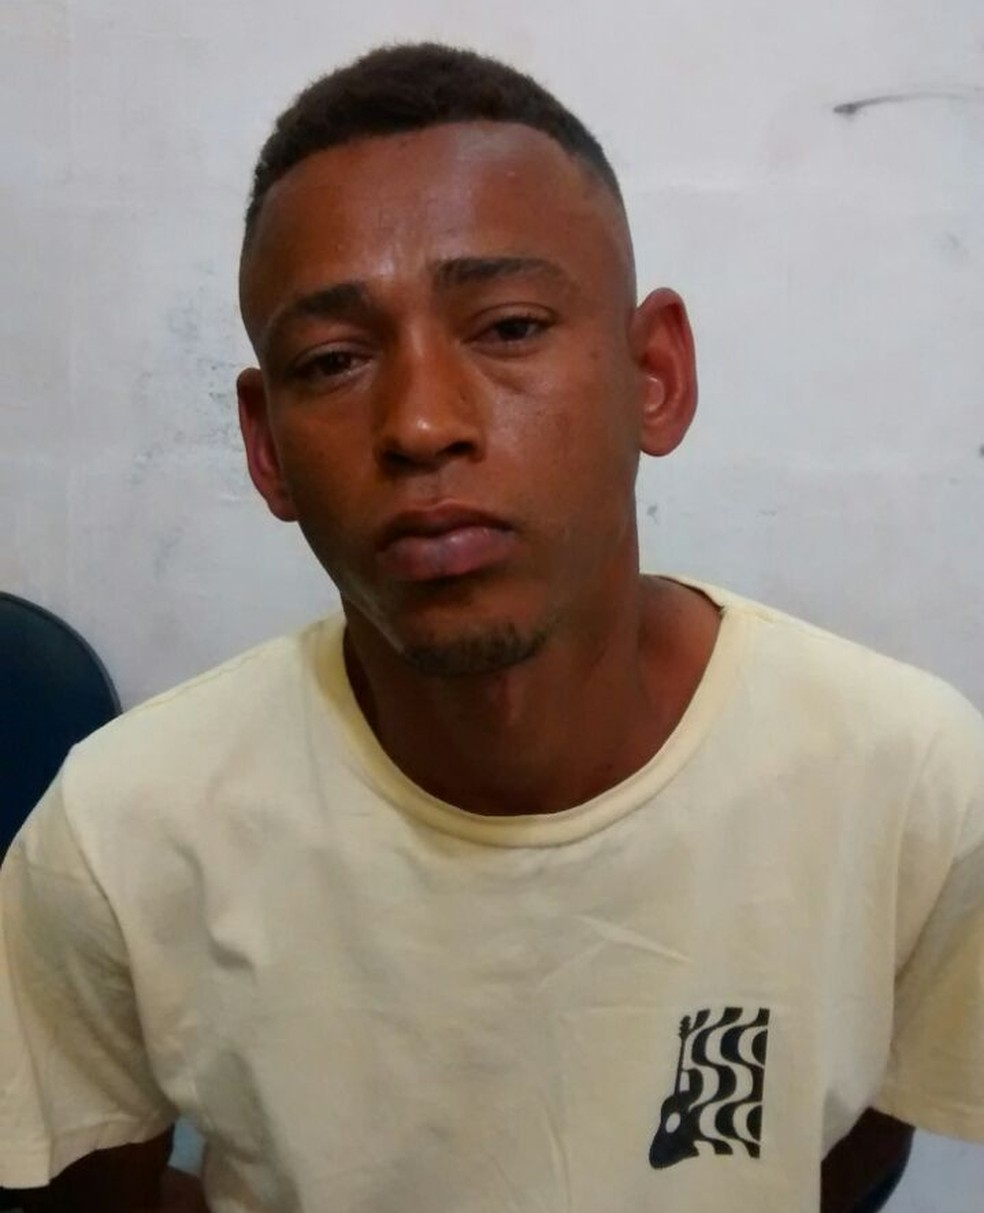 Polícia acredita que homem preso com celular de jovem que estuprou, tenha feito mais vítimas em Itaquaquecetuba (Foto: Polícia Militar/ Divulgação)